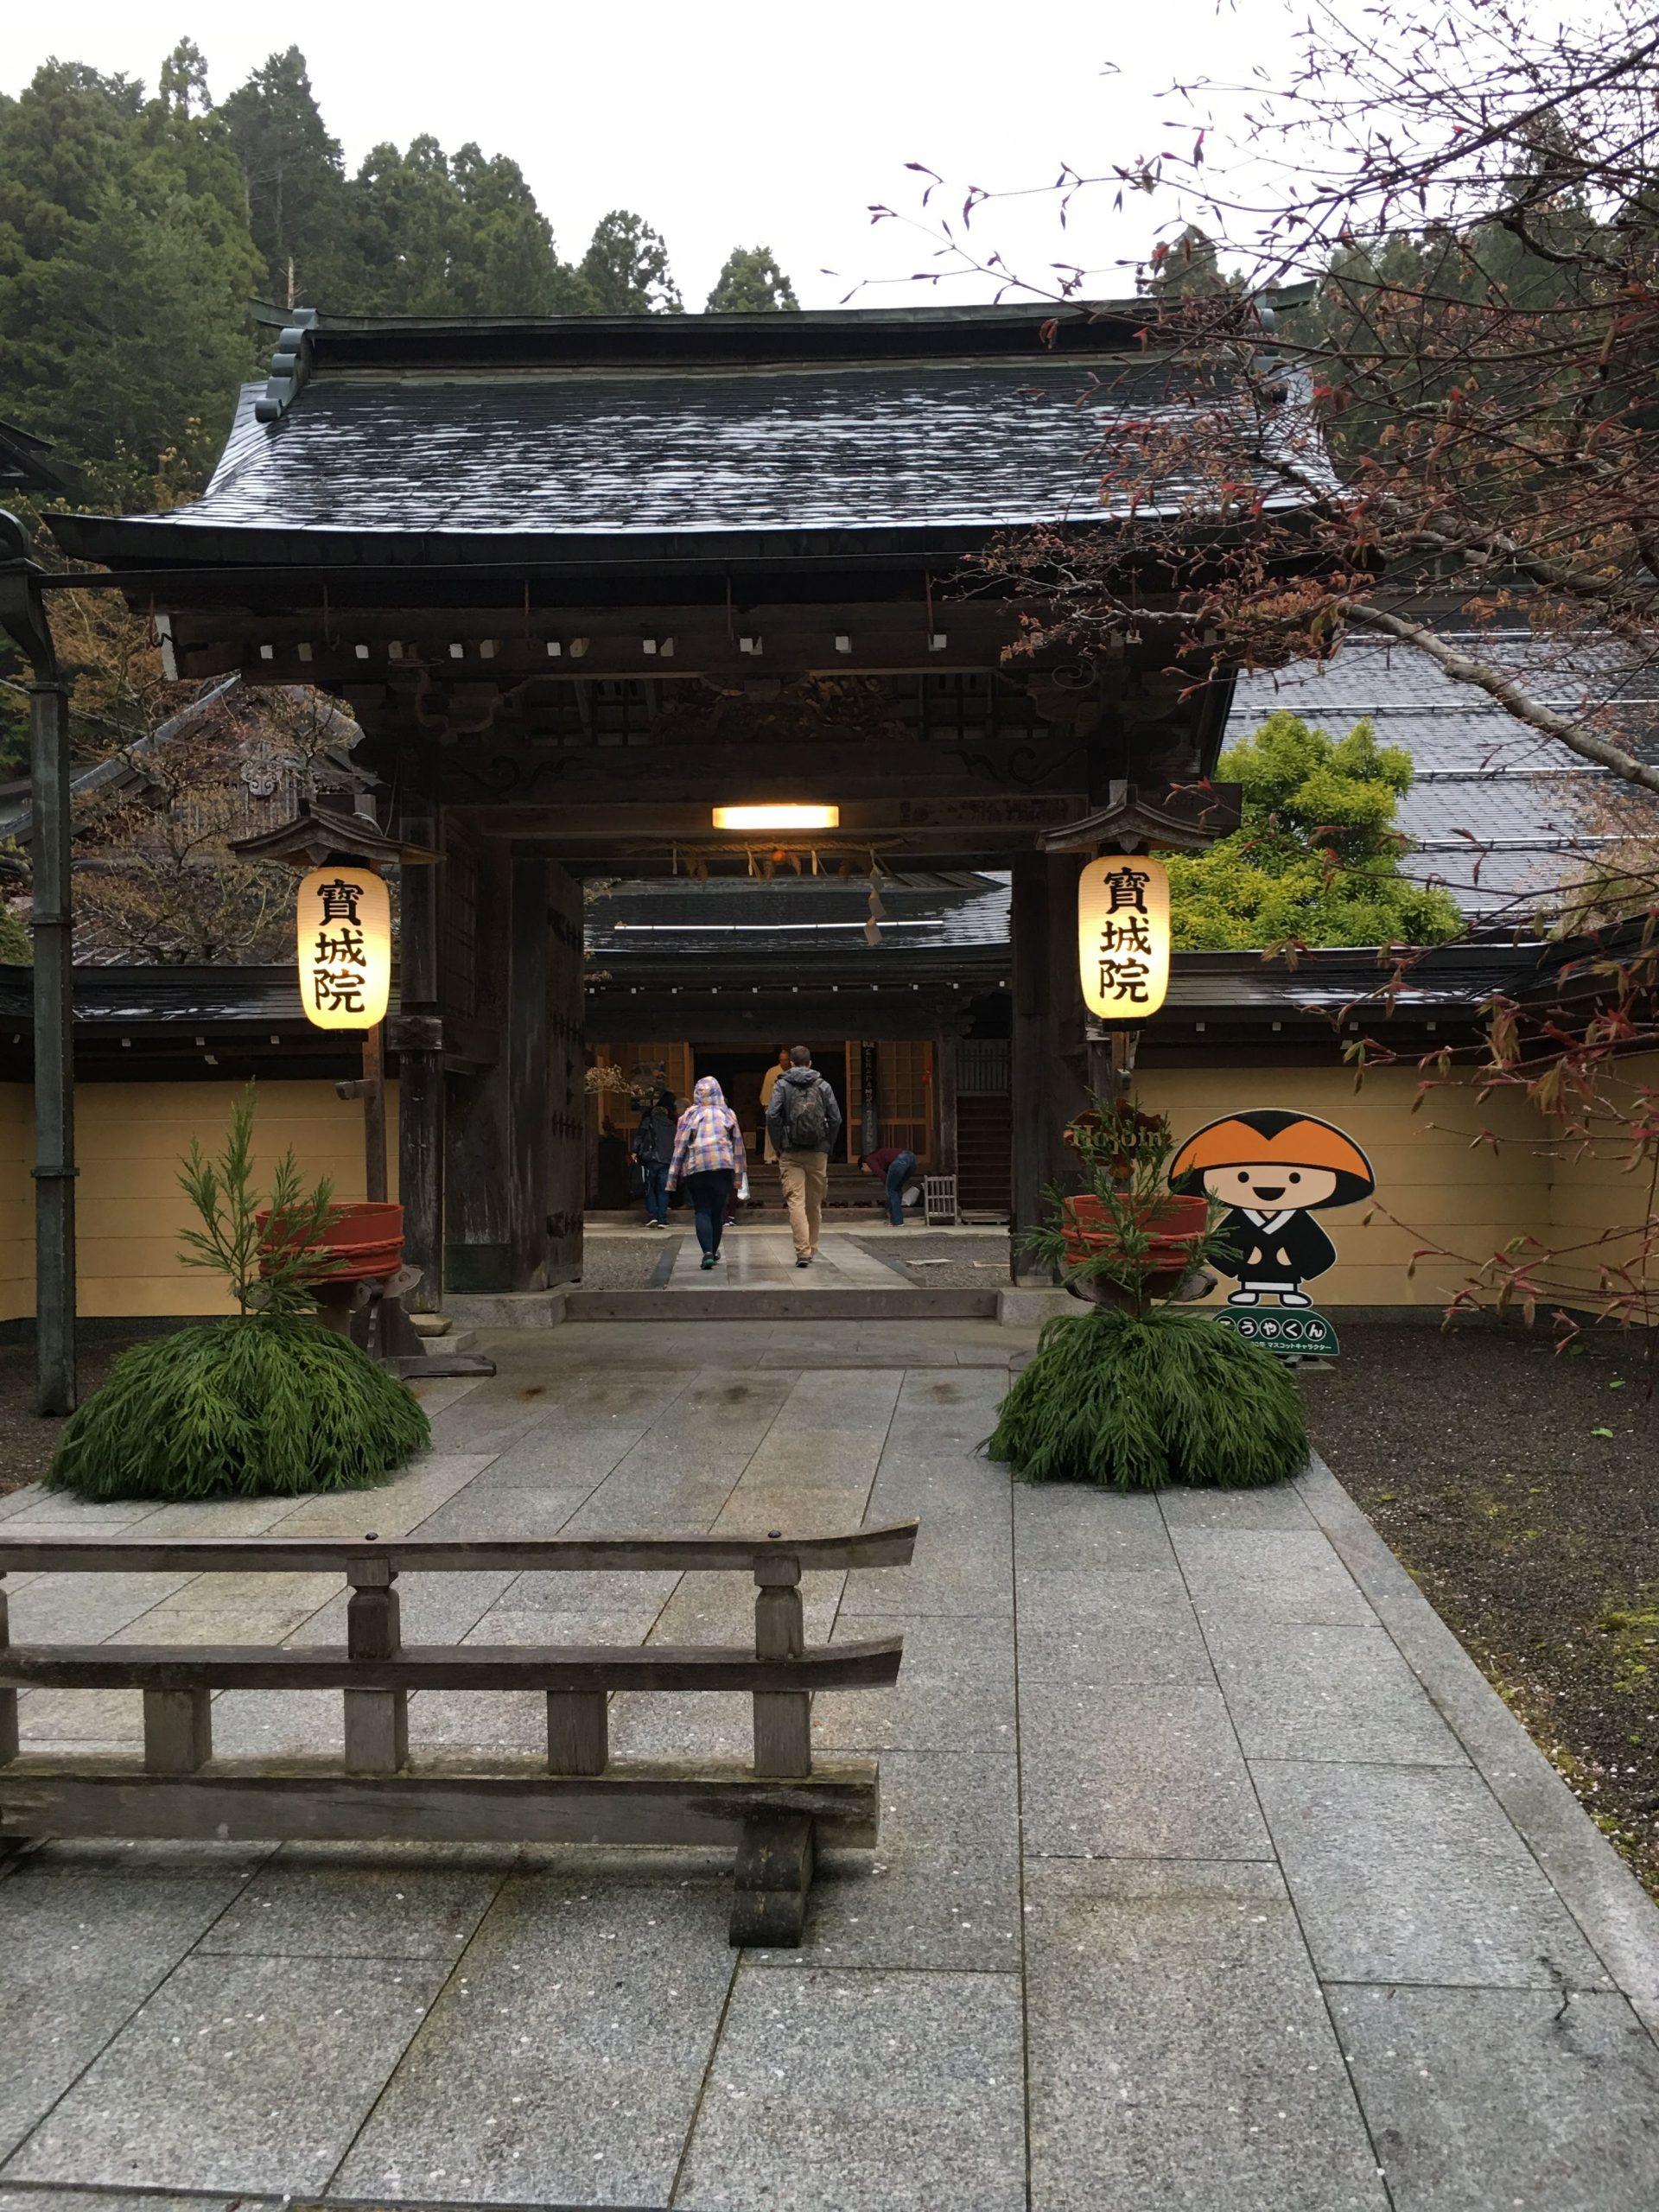 La noche que dormí en un templo Budista